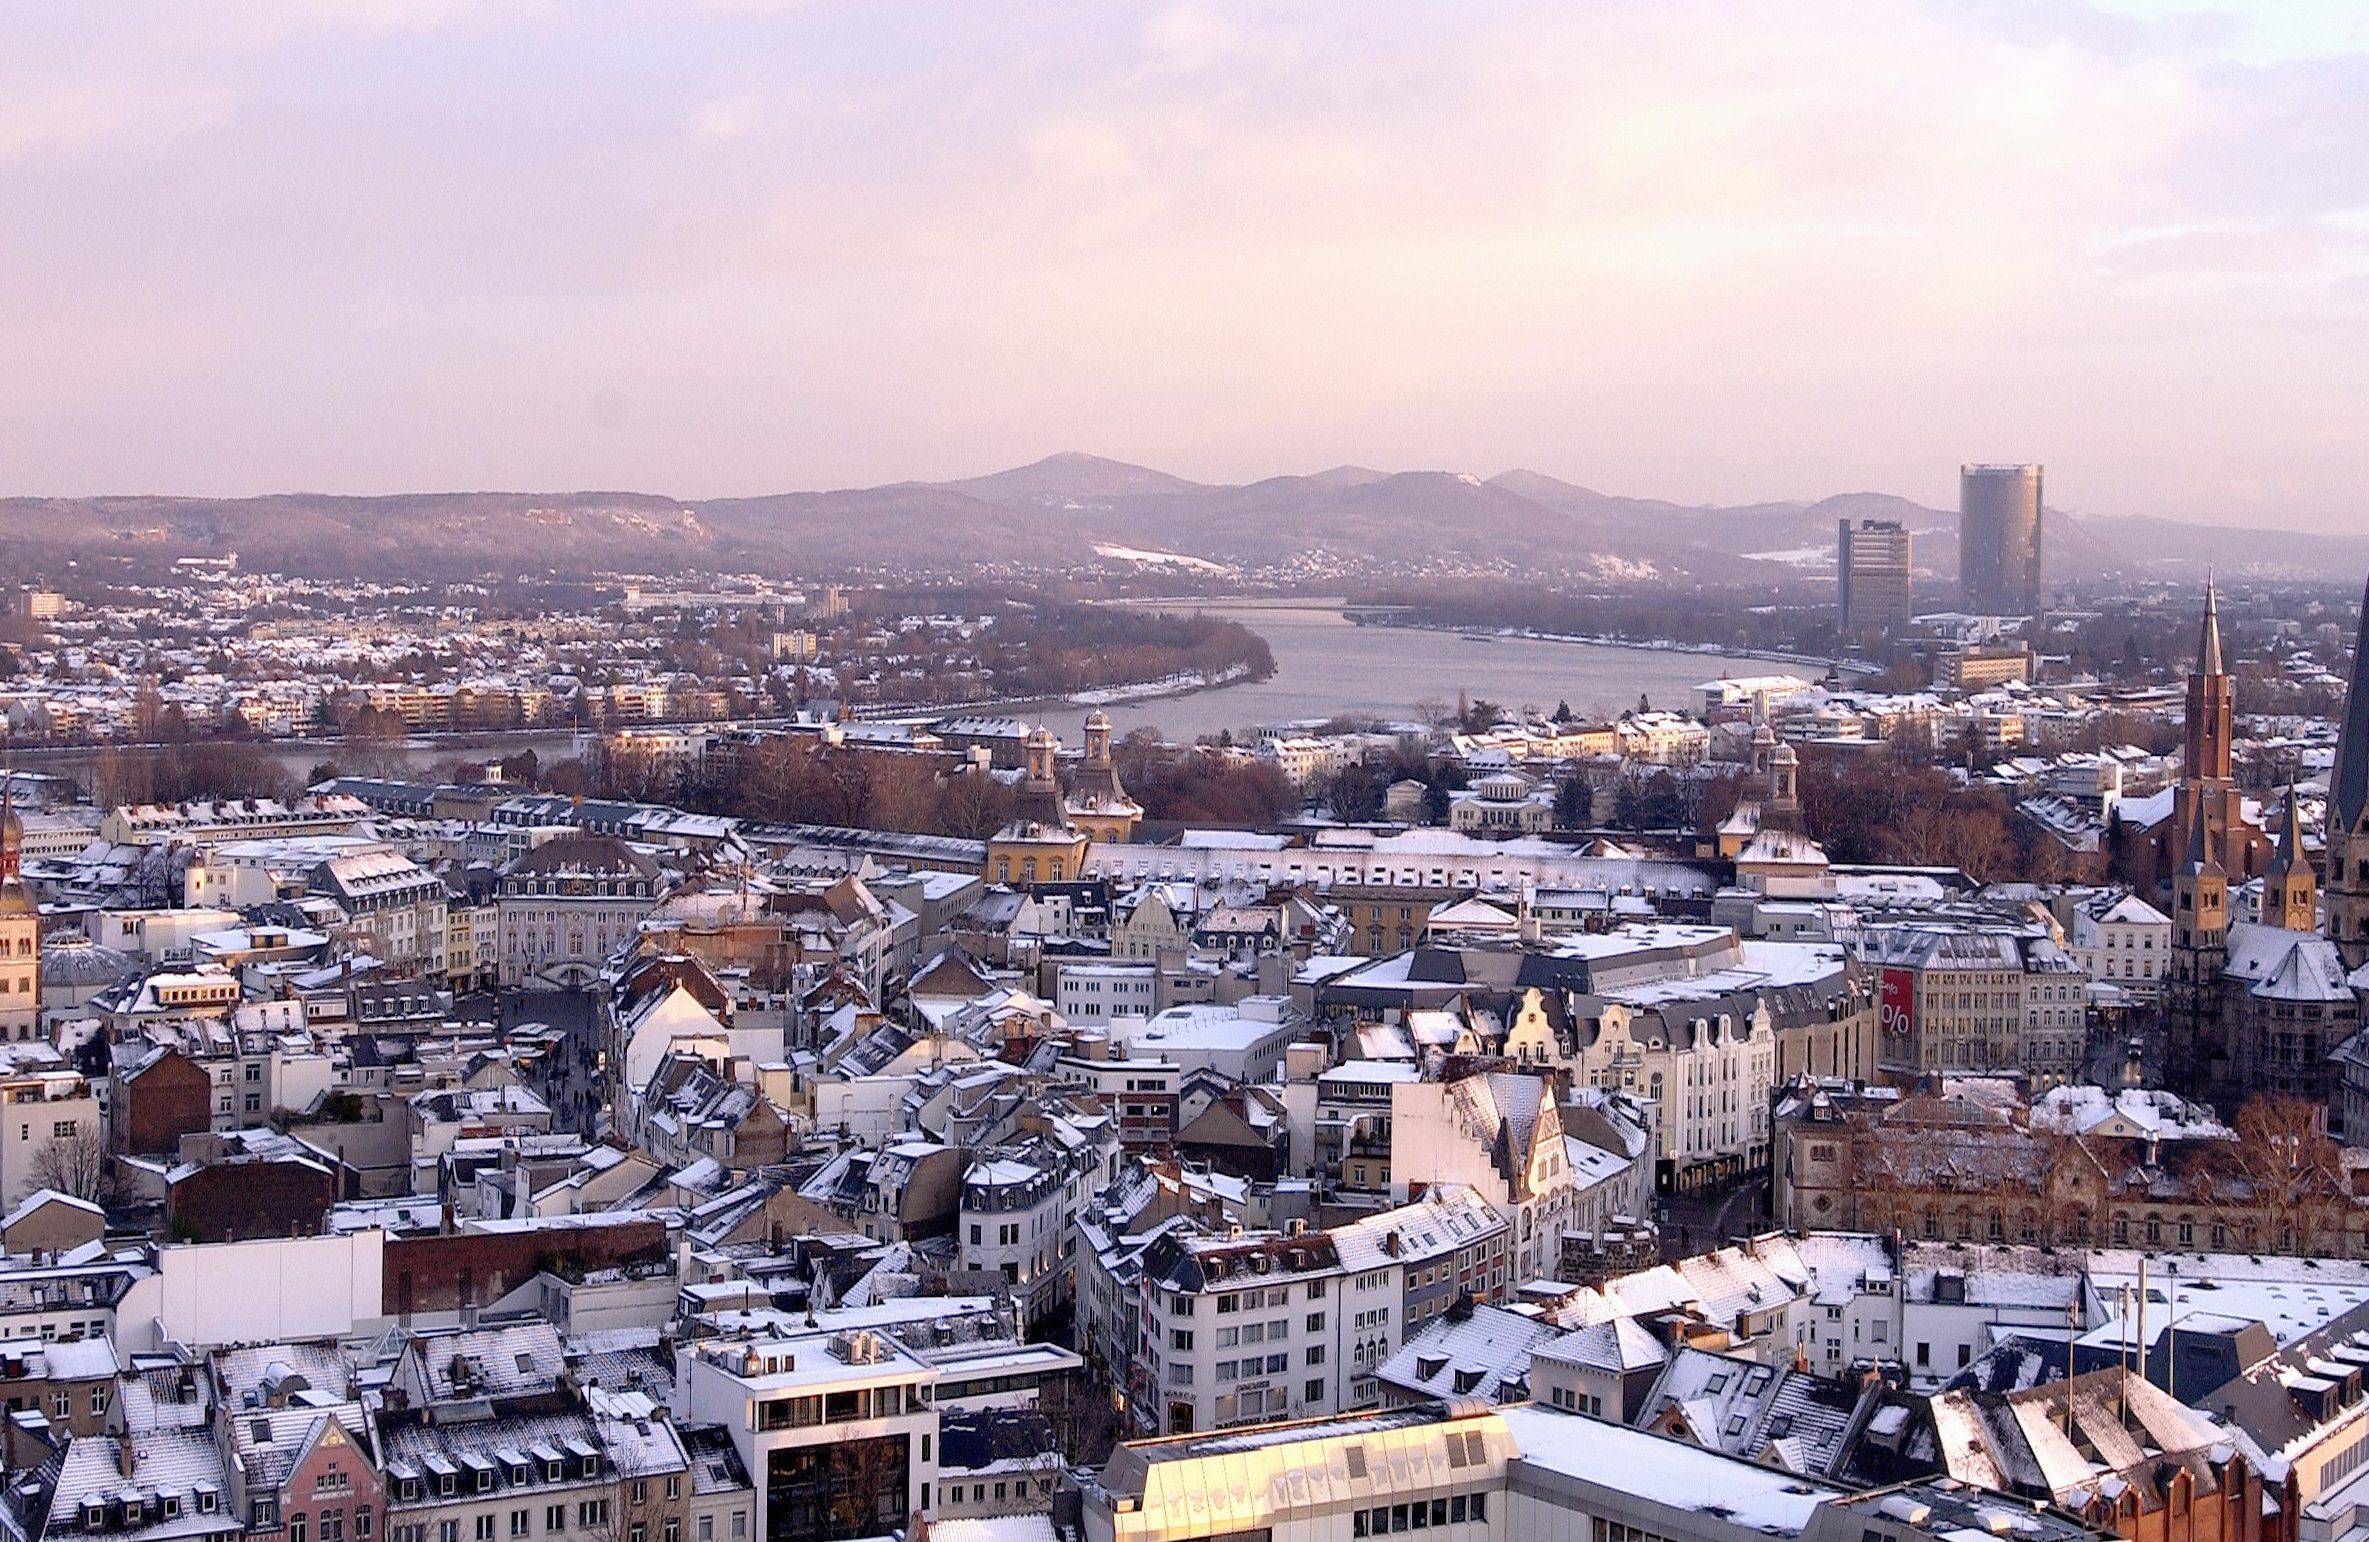 M.Sondermann/Presseamt der Bundesstadt Bonn